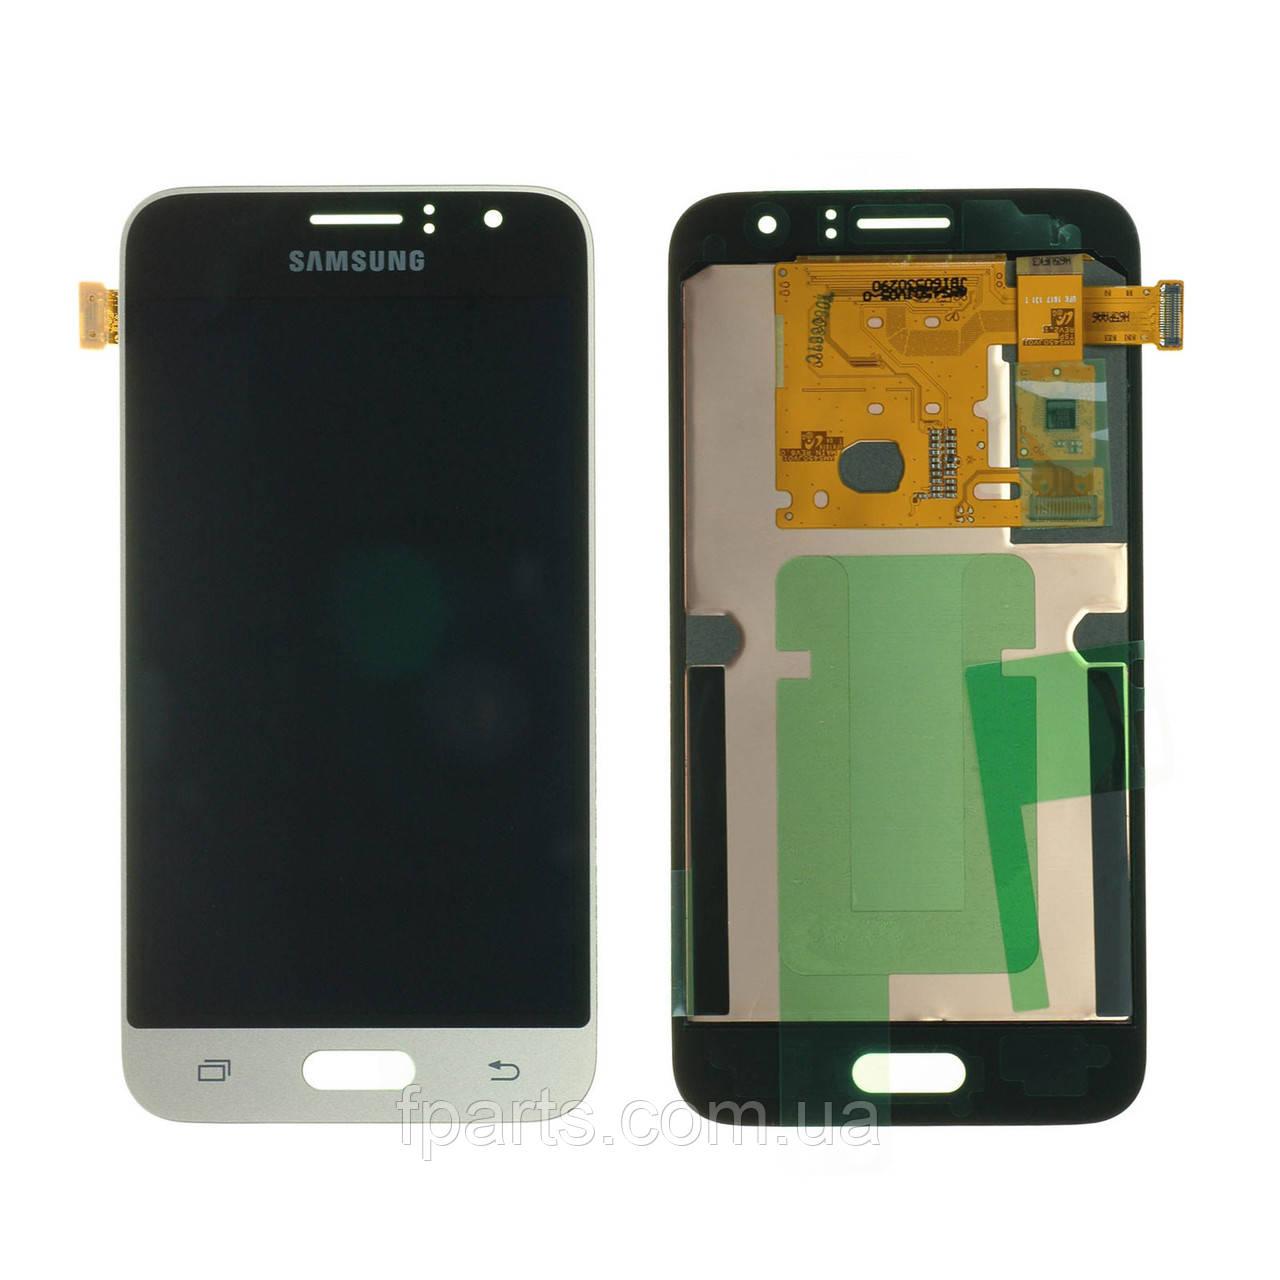 Дисплей для Samsung J120 Galaxy J1 2016 с тачскрином, Gold (Service Pack Original)